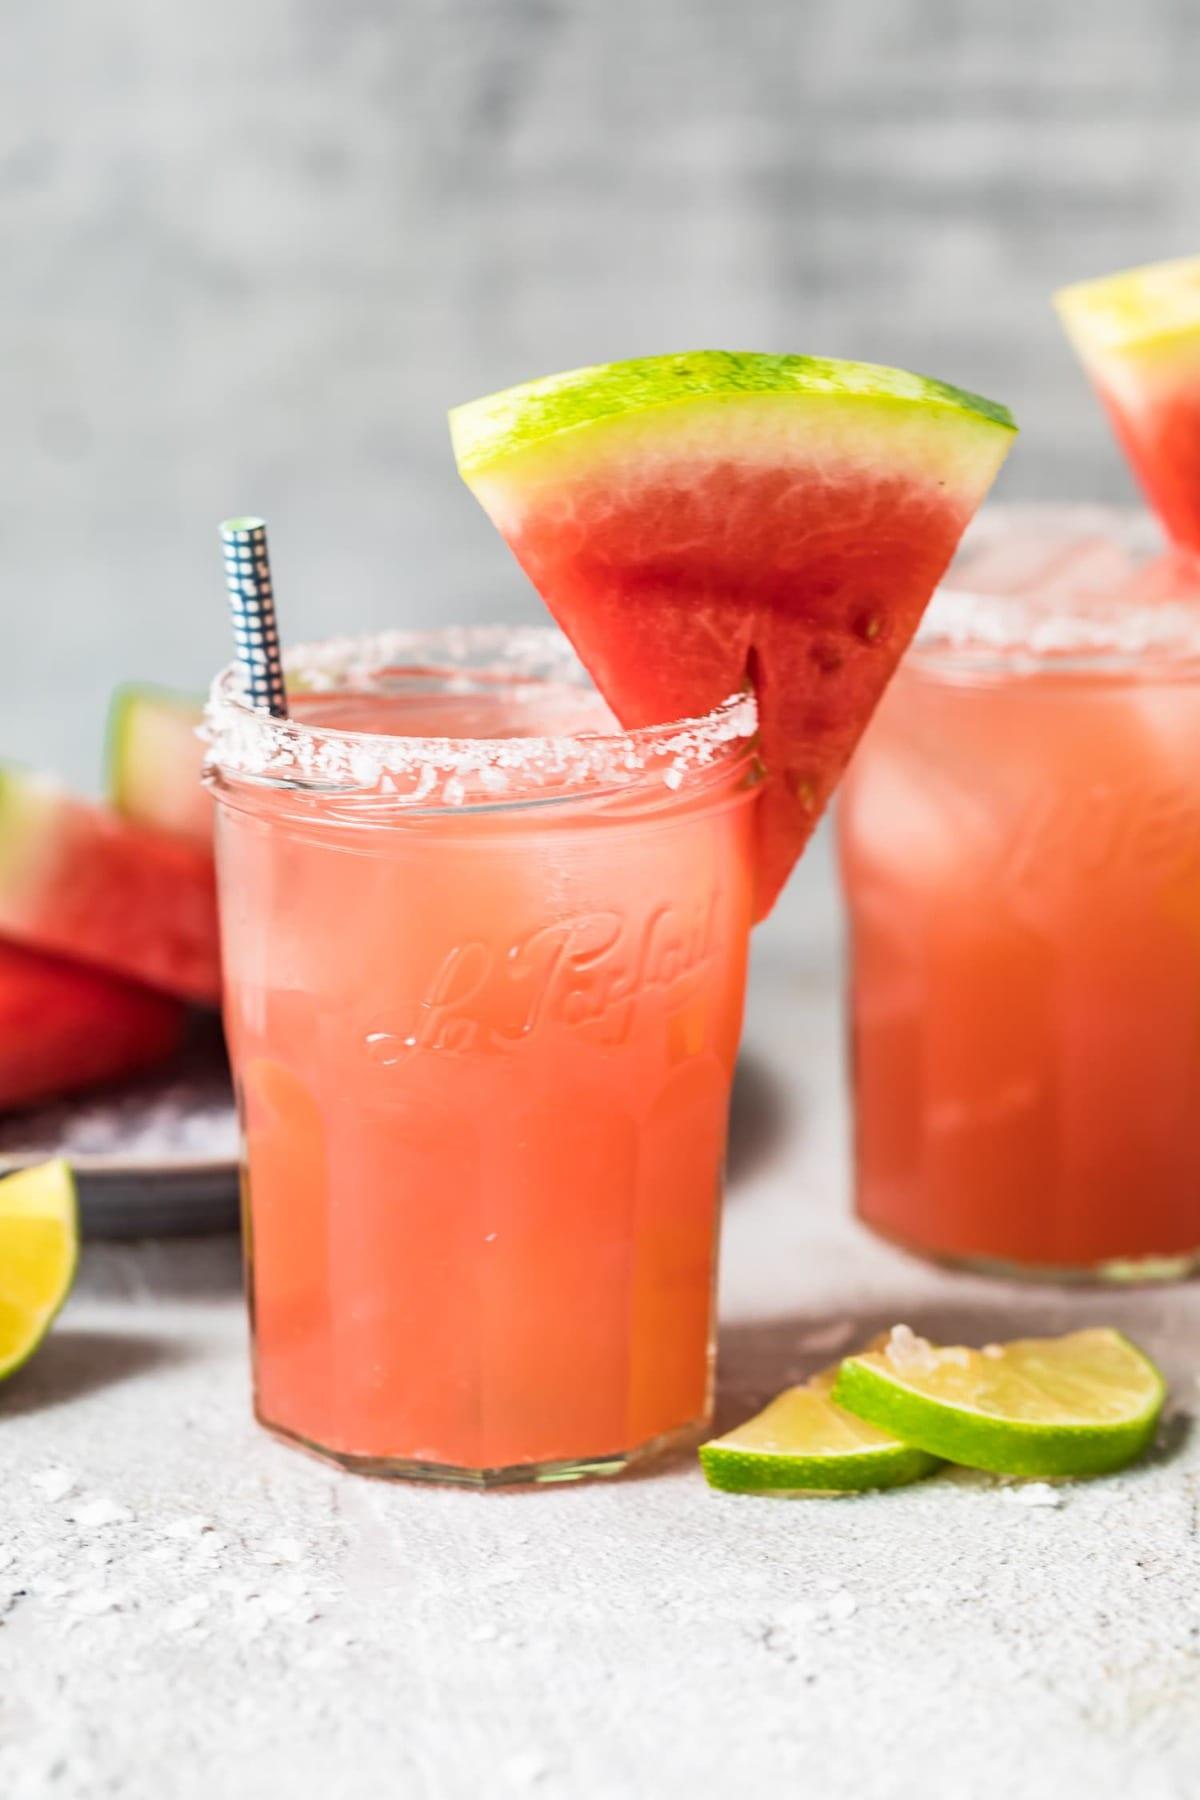 watermelon margarita recipe in glasses with watermelon triangles